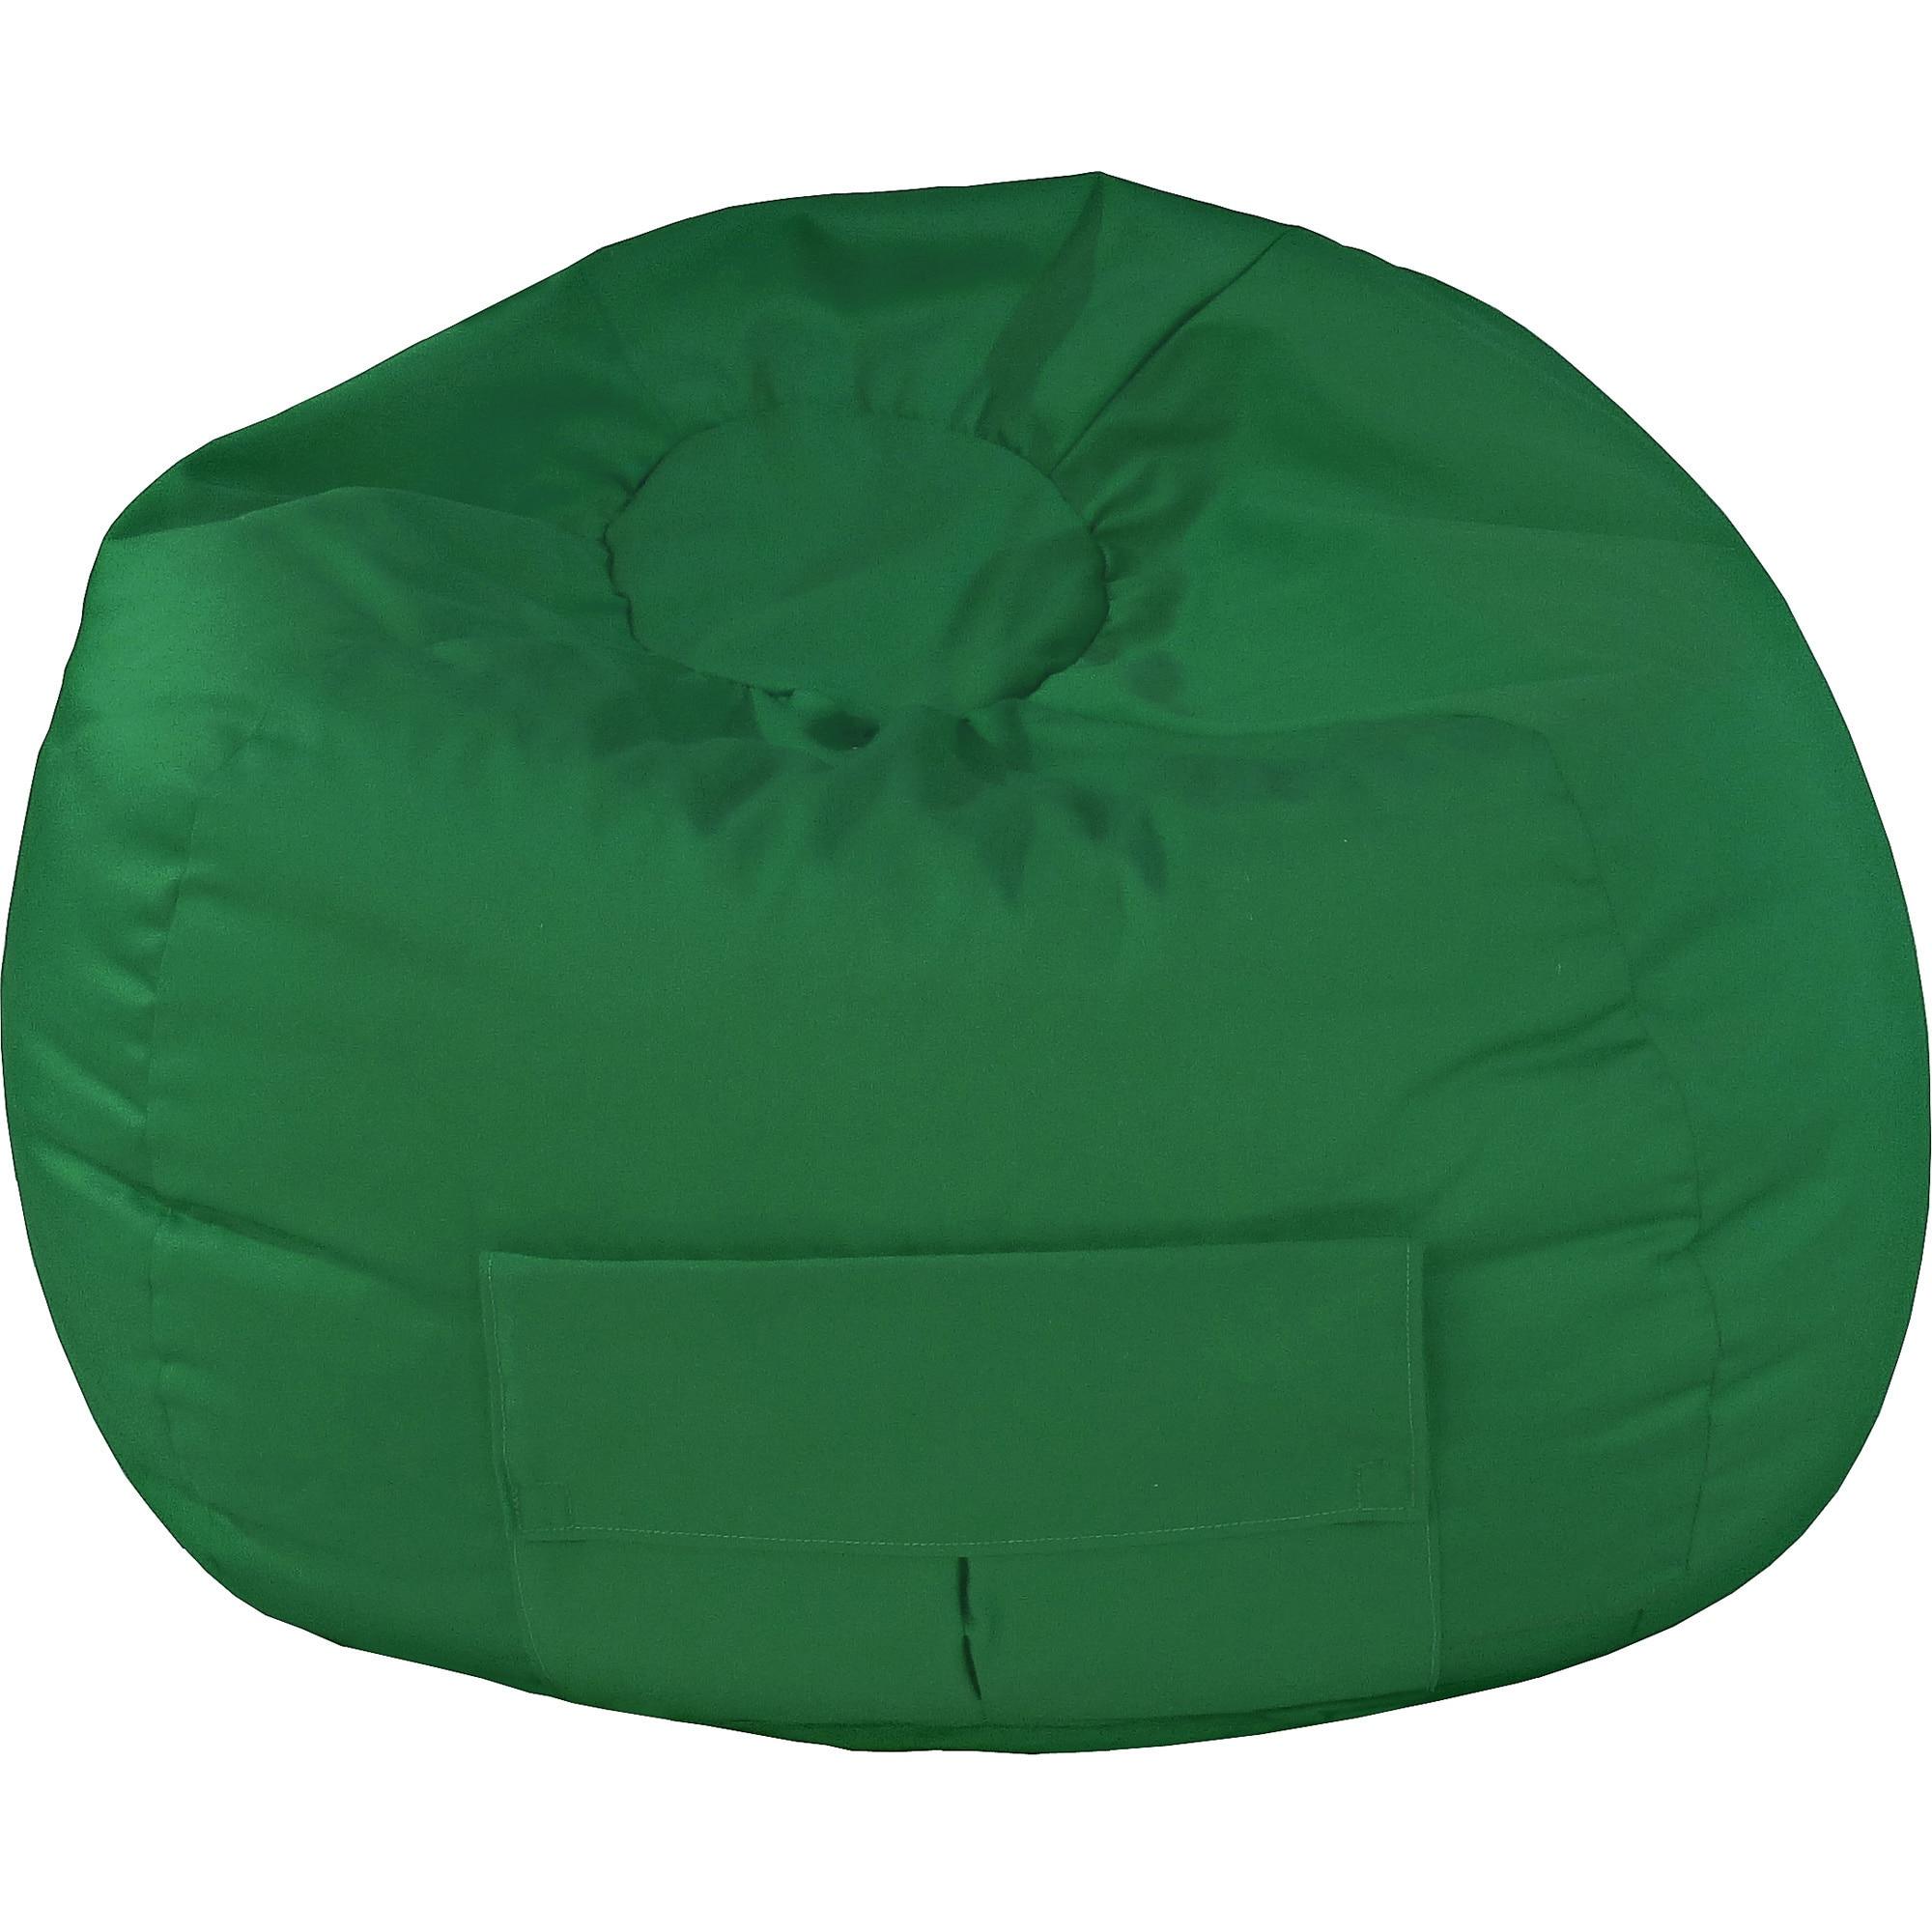 Super Gold Medal Hudson Industries Kids Bean Bag Beatyapartments Chair Design Images Beatyapartmentscom